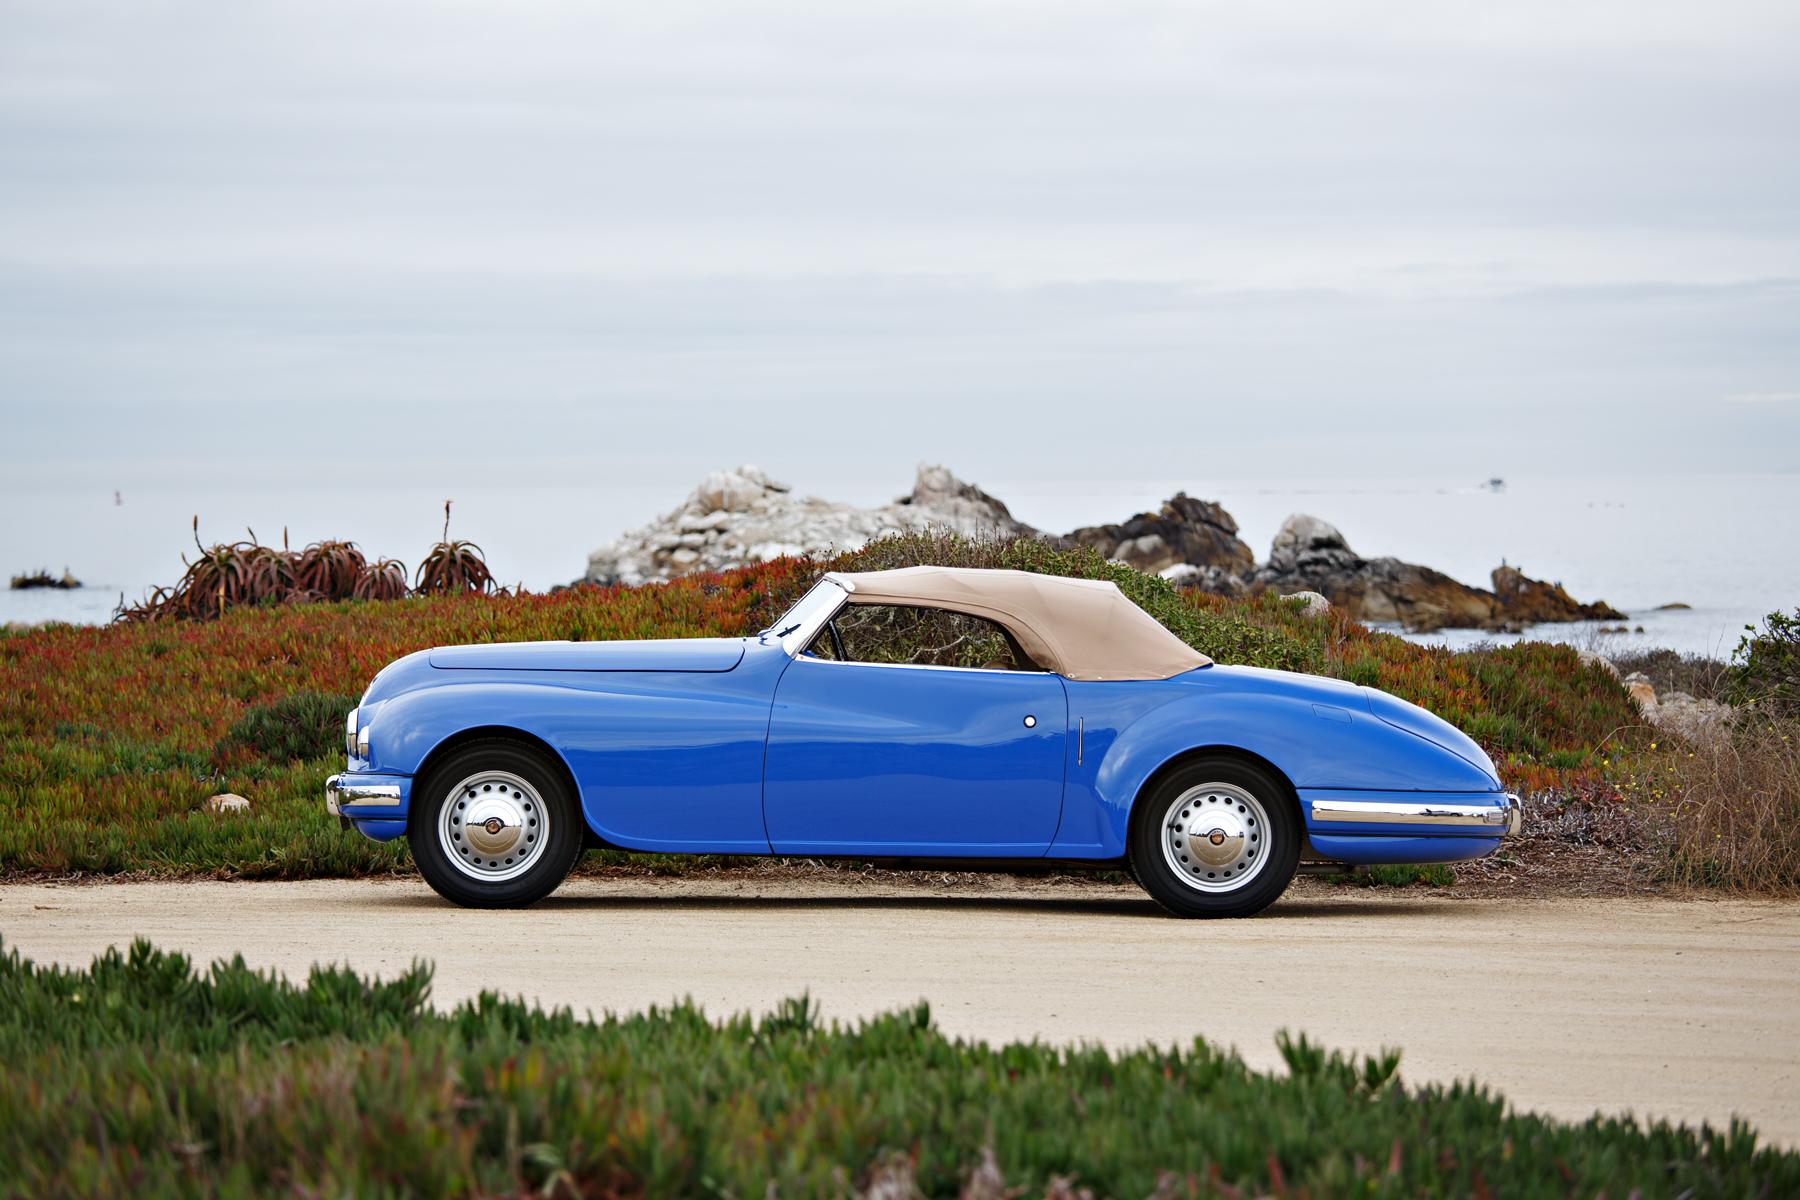 1949 Bristol 402 Cabriolet top up